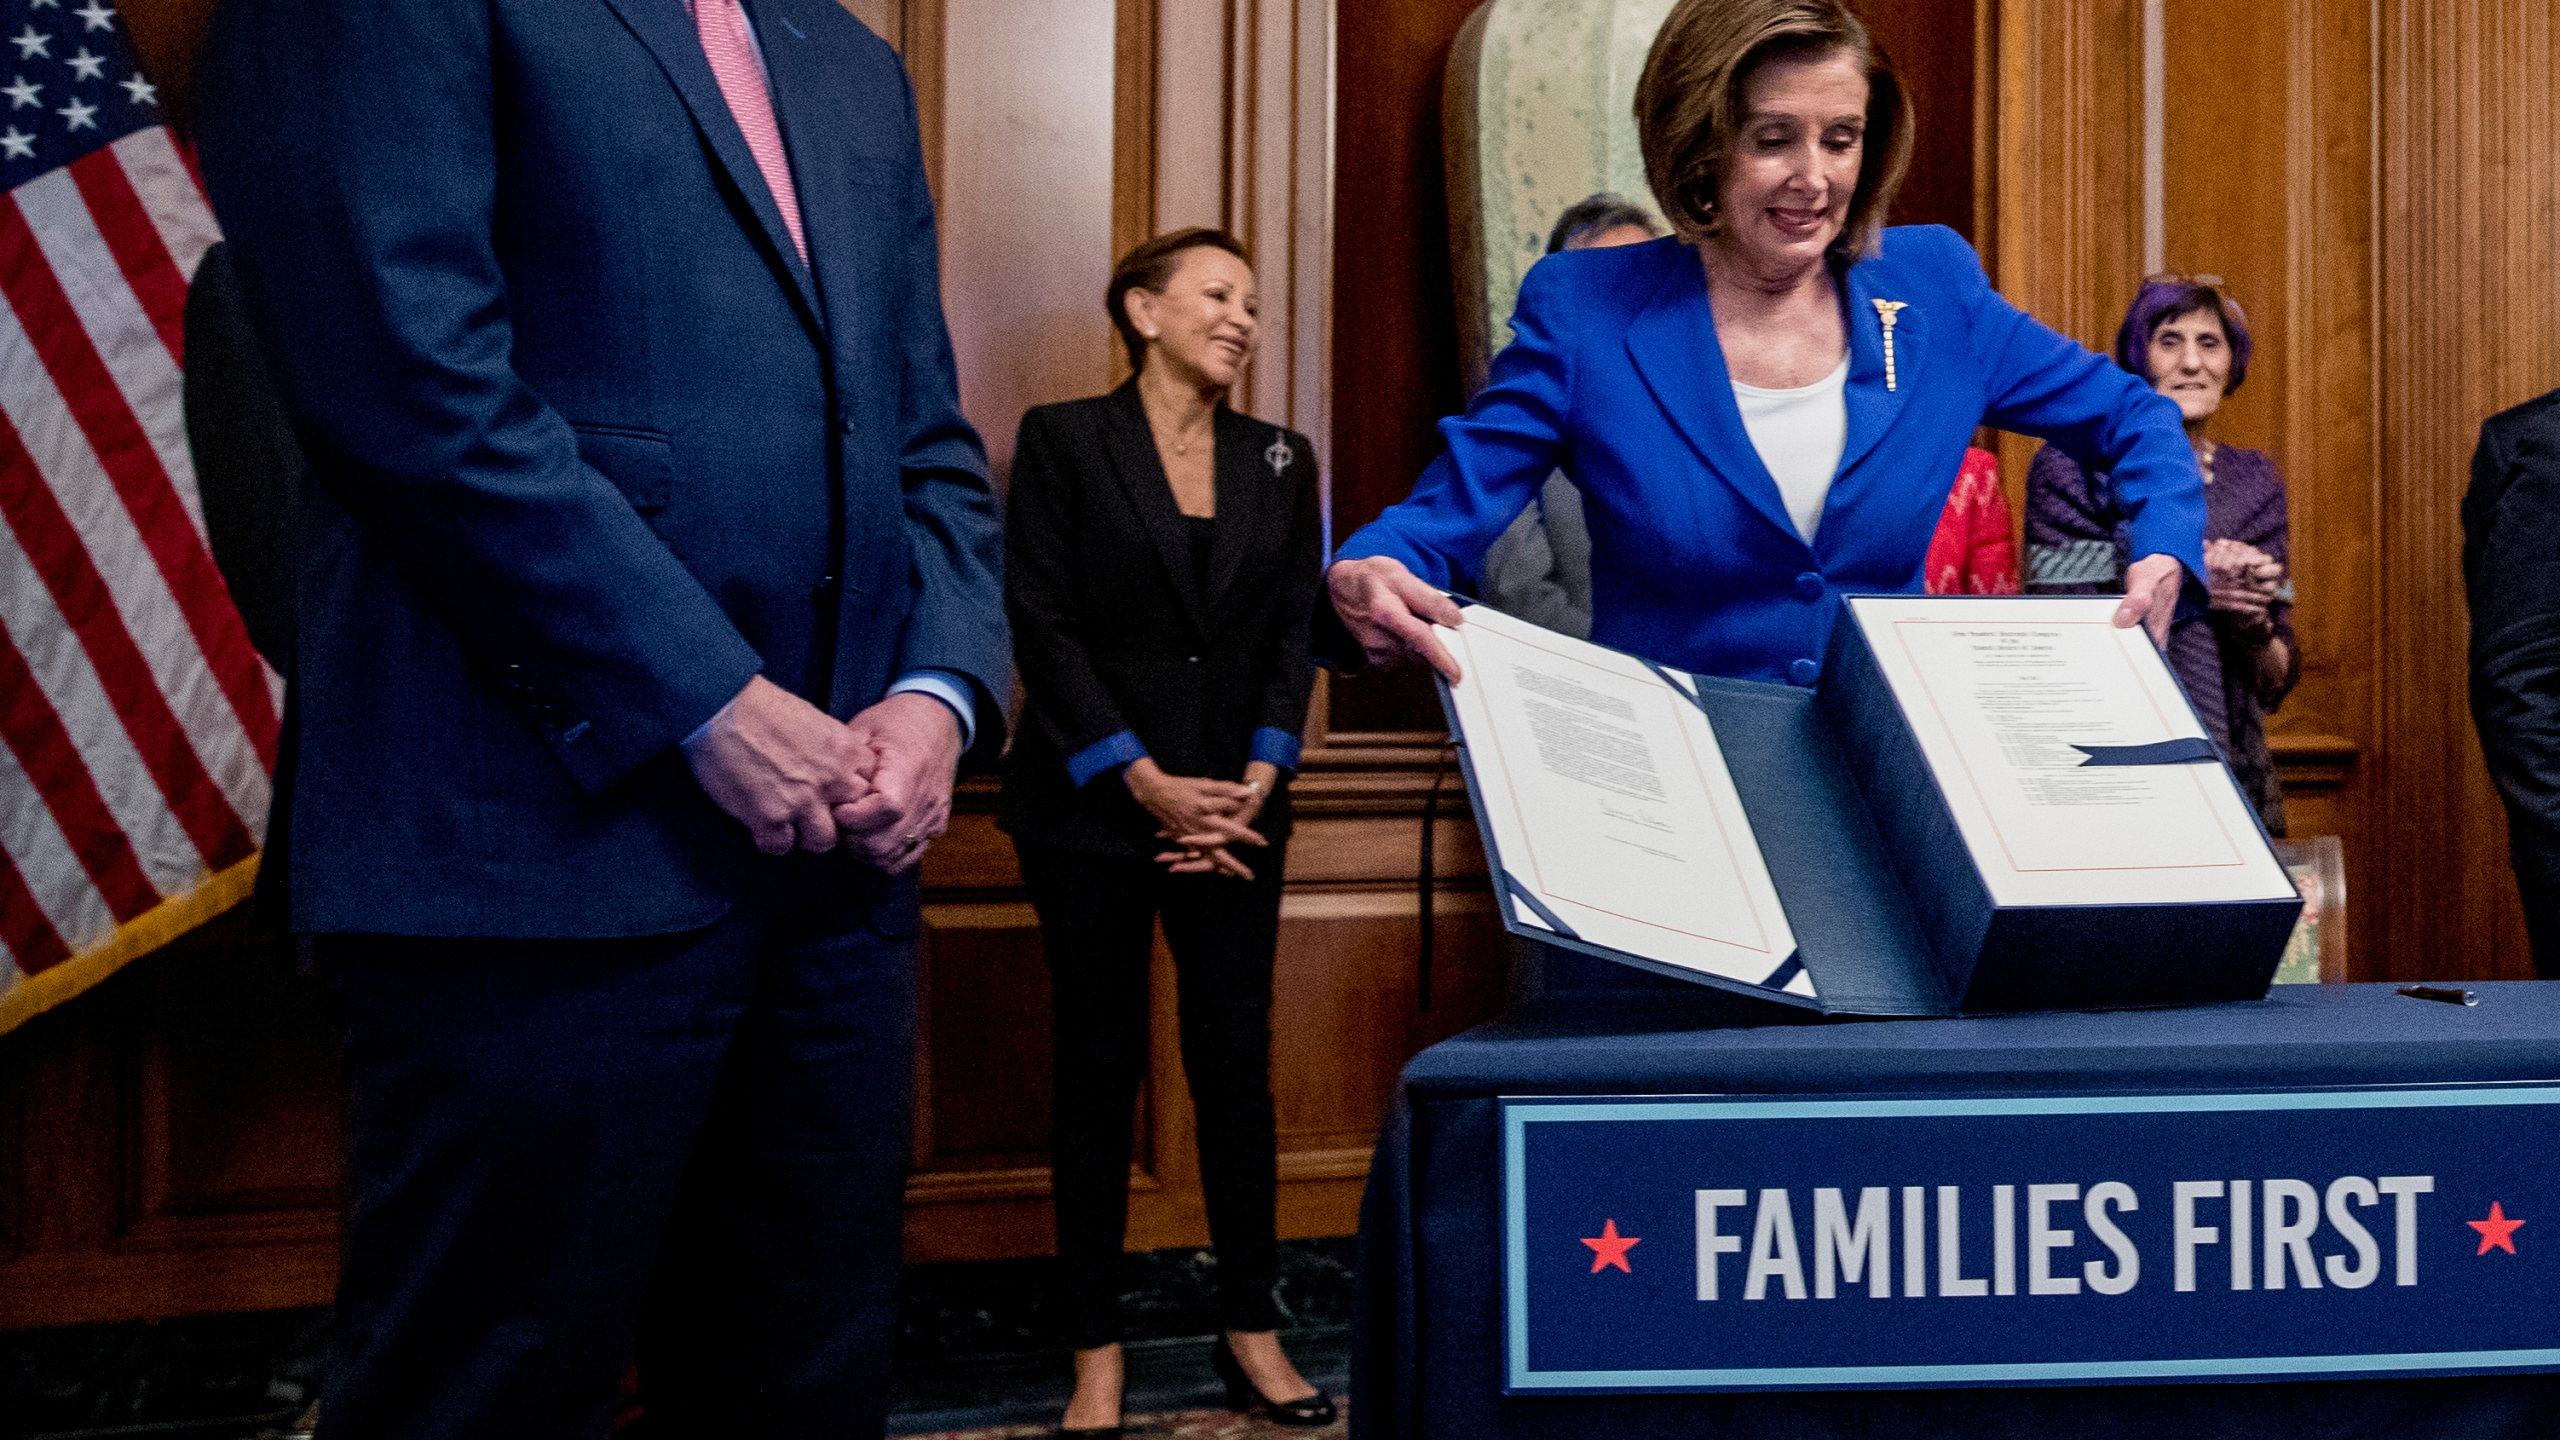 Nydia Velazquez, Nancy Pelosi